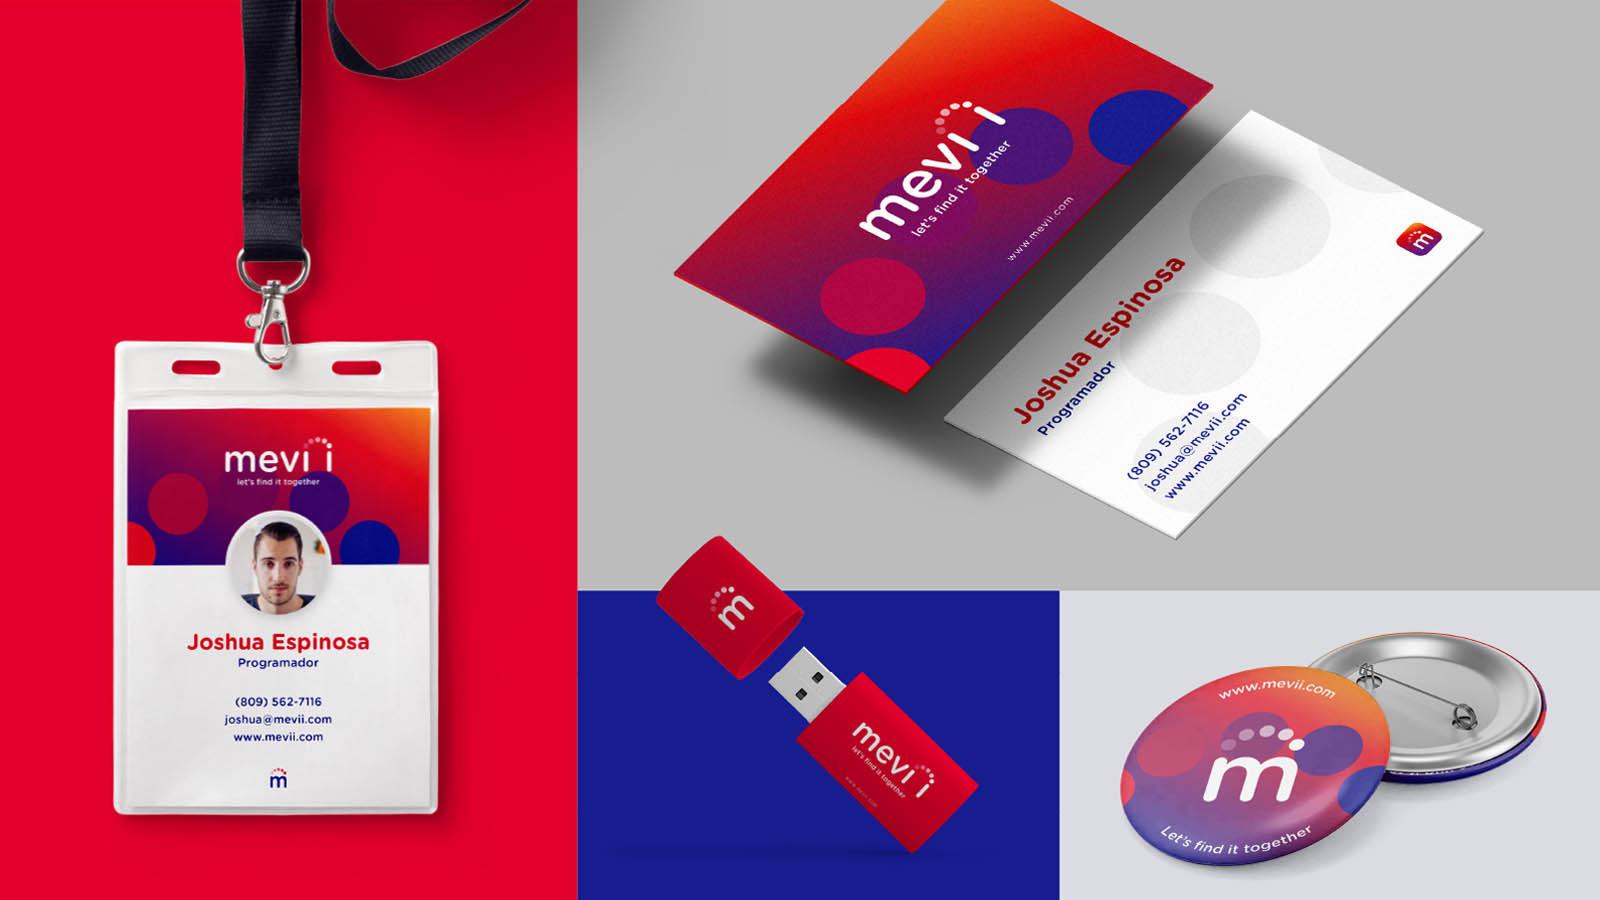 carnet, usb, tarjeta de presentación y diseño de boton